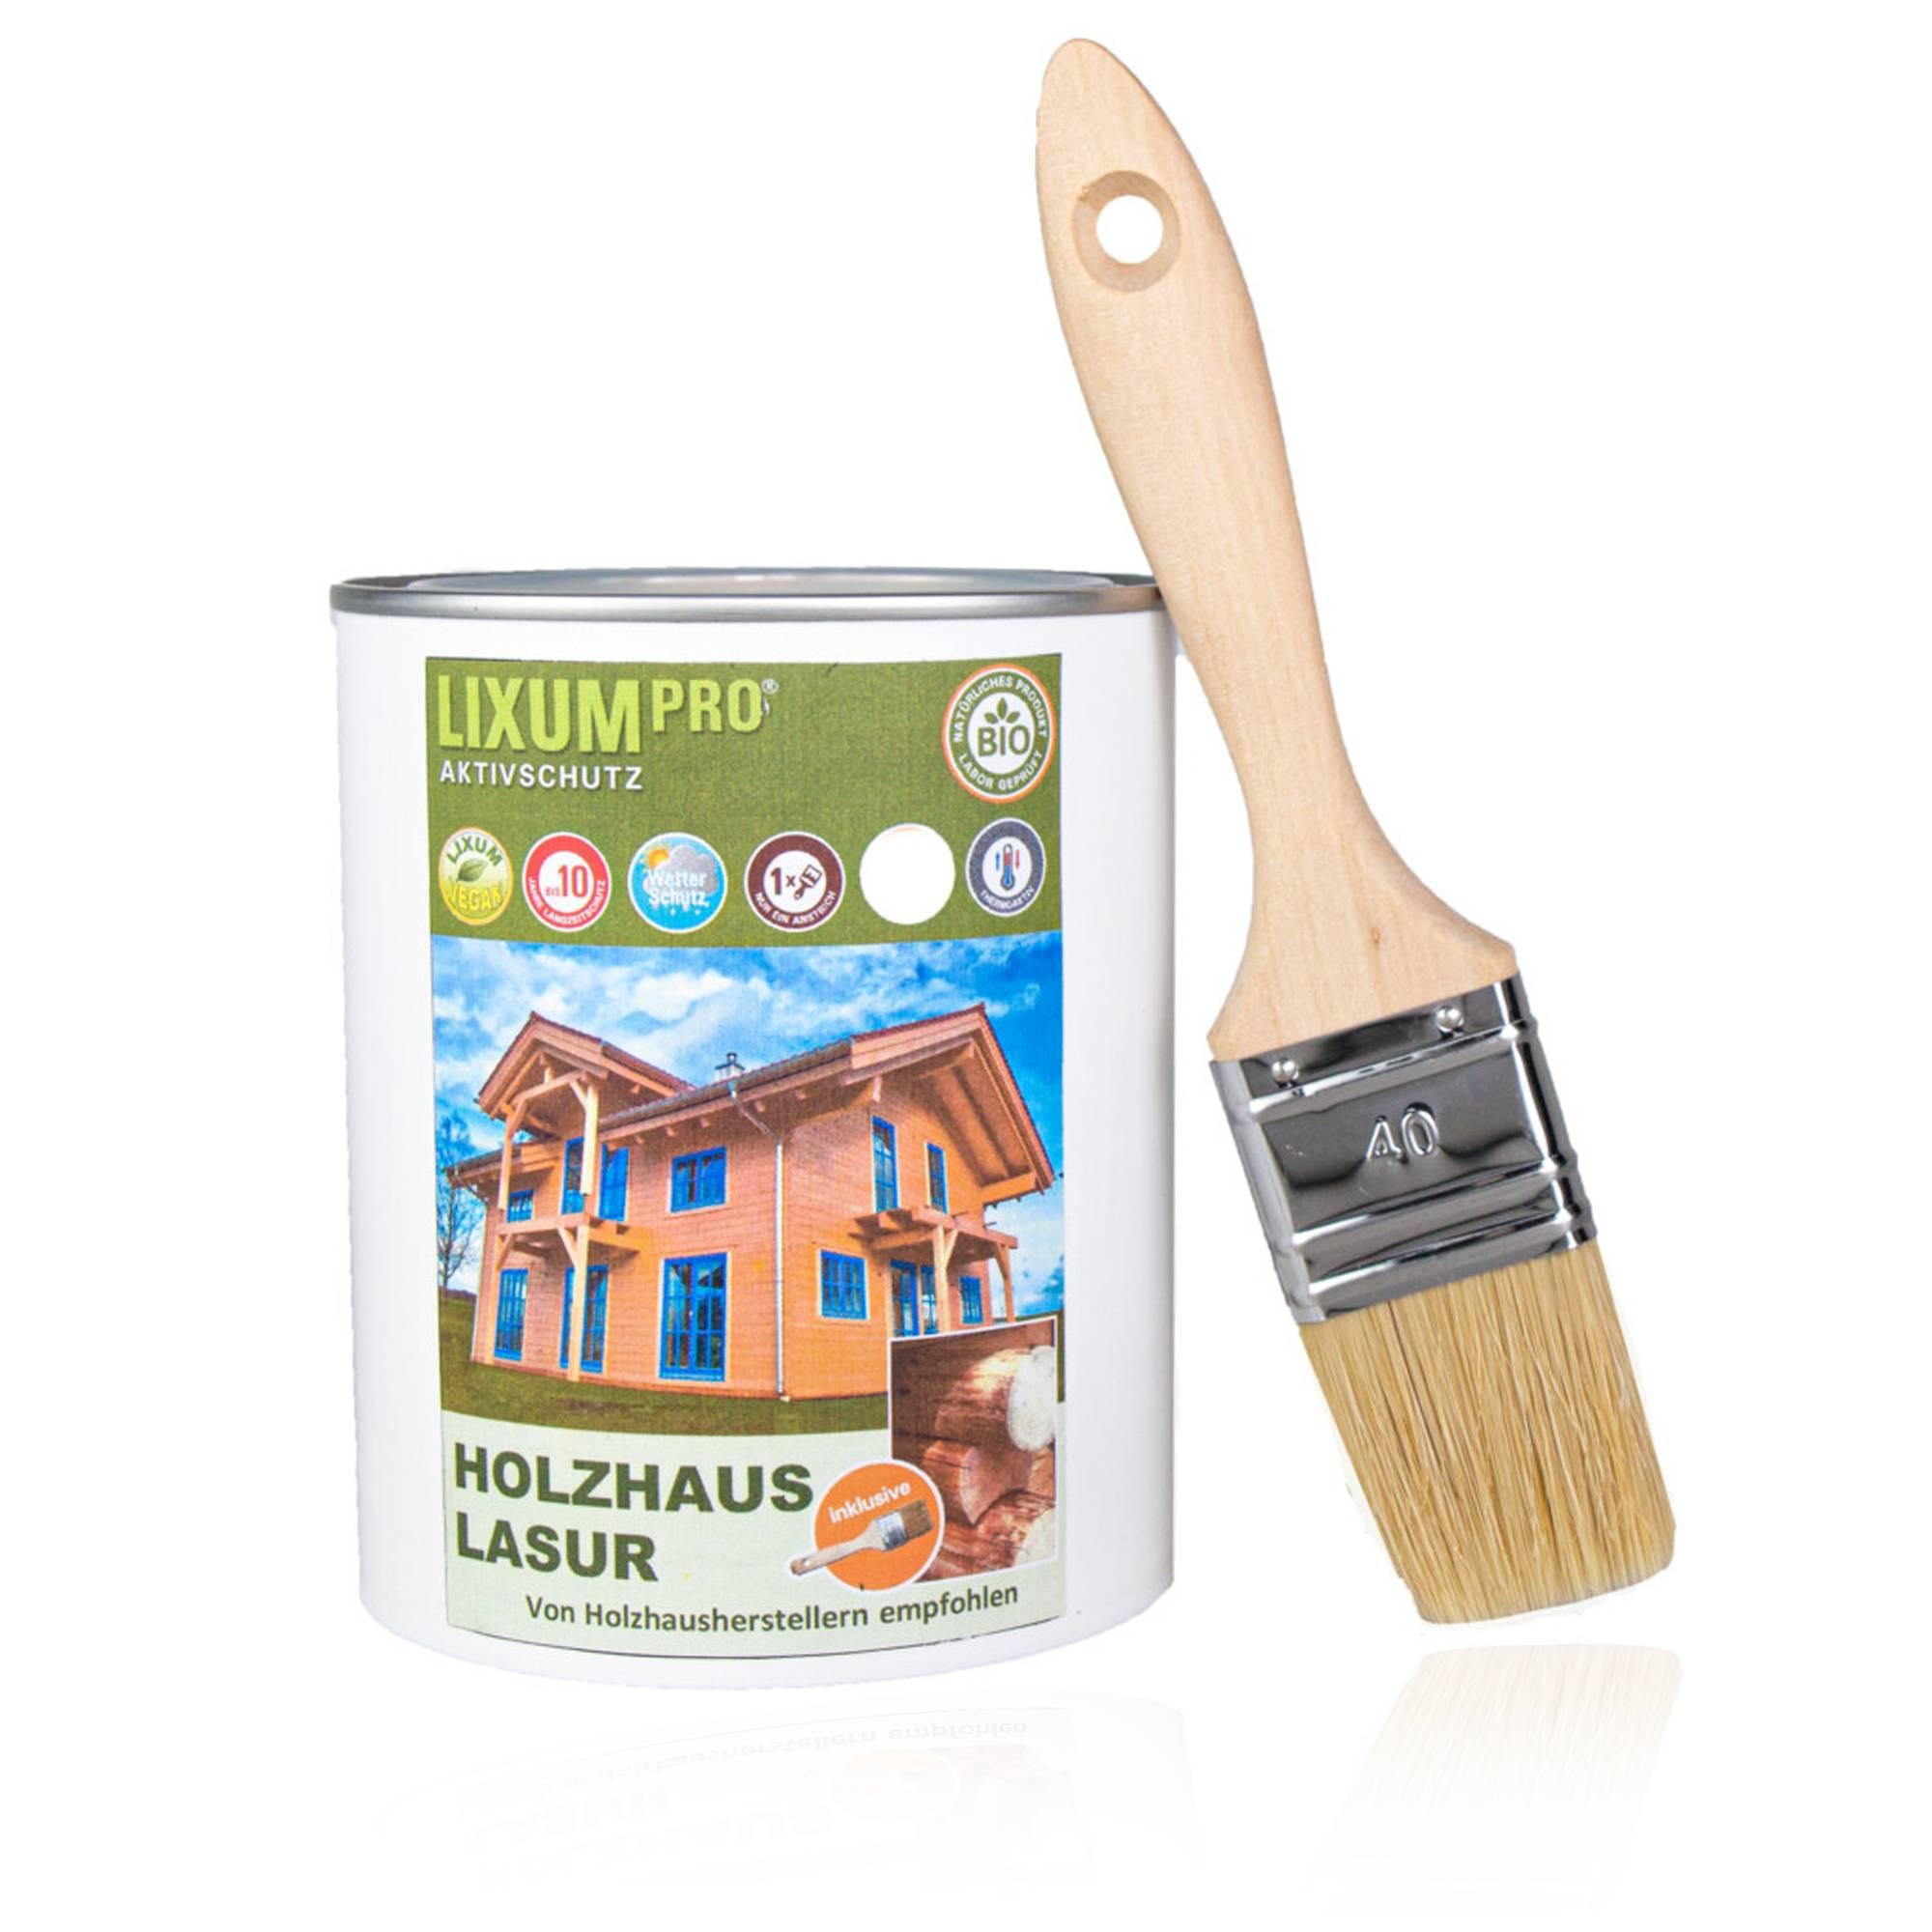 LIXUM 100% Biologische Holzhaus & Blockhaus Lasur - Wetterschutz für Holzhäuser